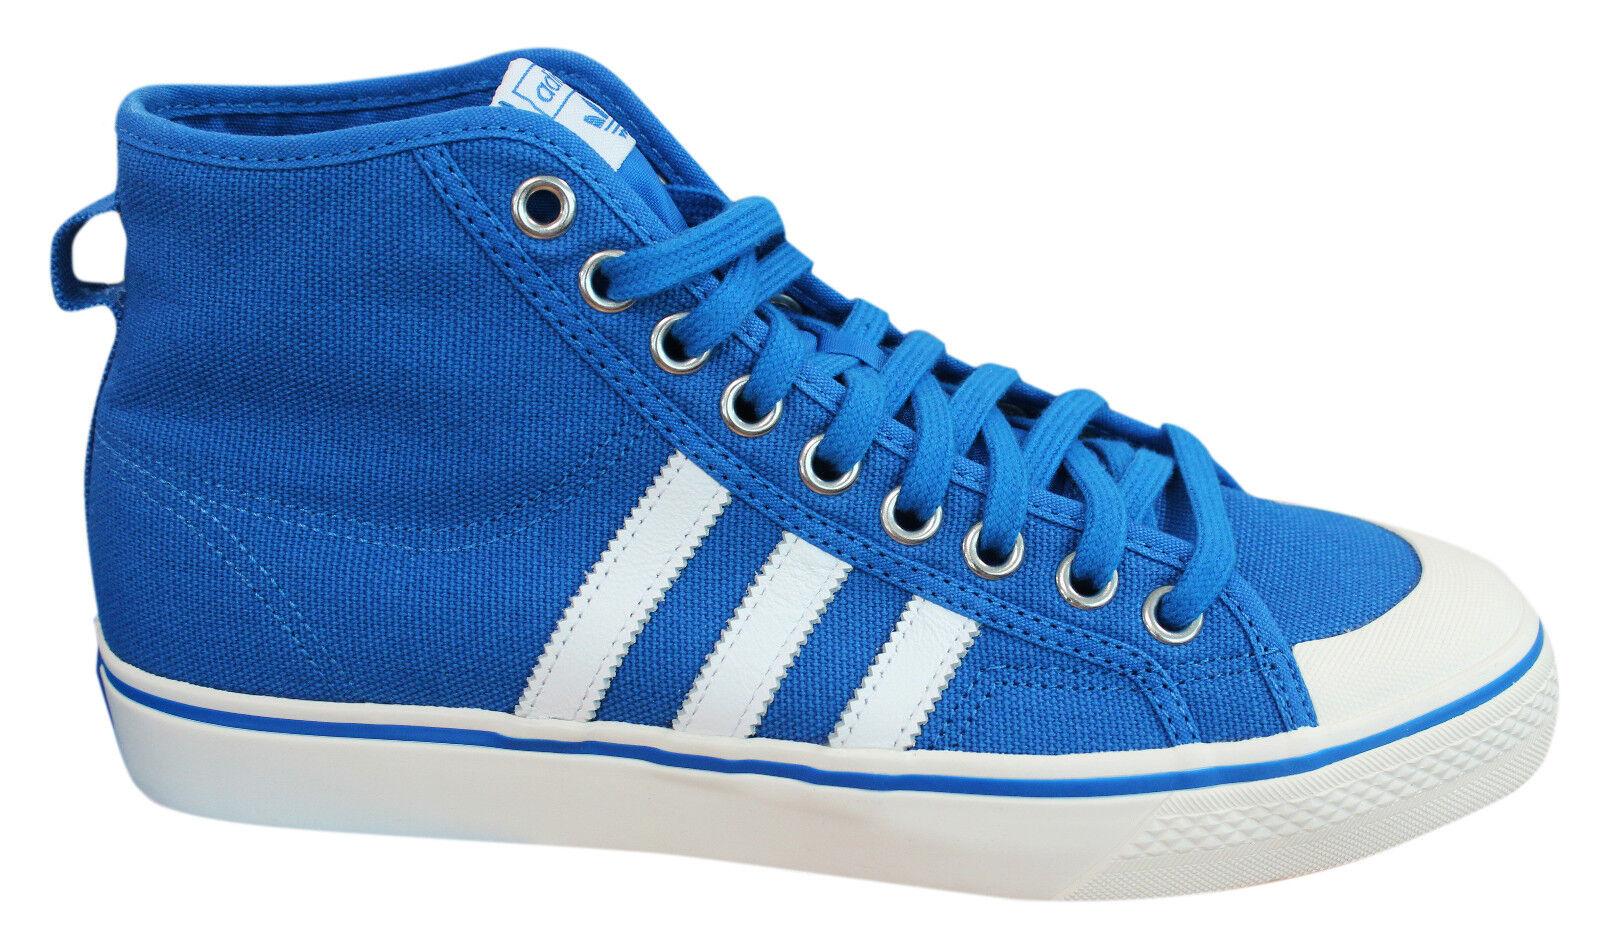 Adidas cordones Originals Nizza Hi Hombre Trainers zapatos con cordones Adidas azul blanco bz0548 M17 9919f5